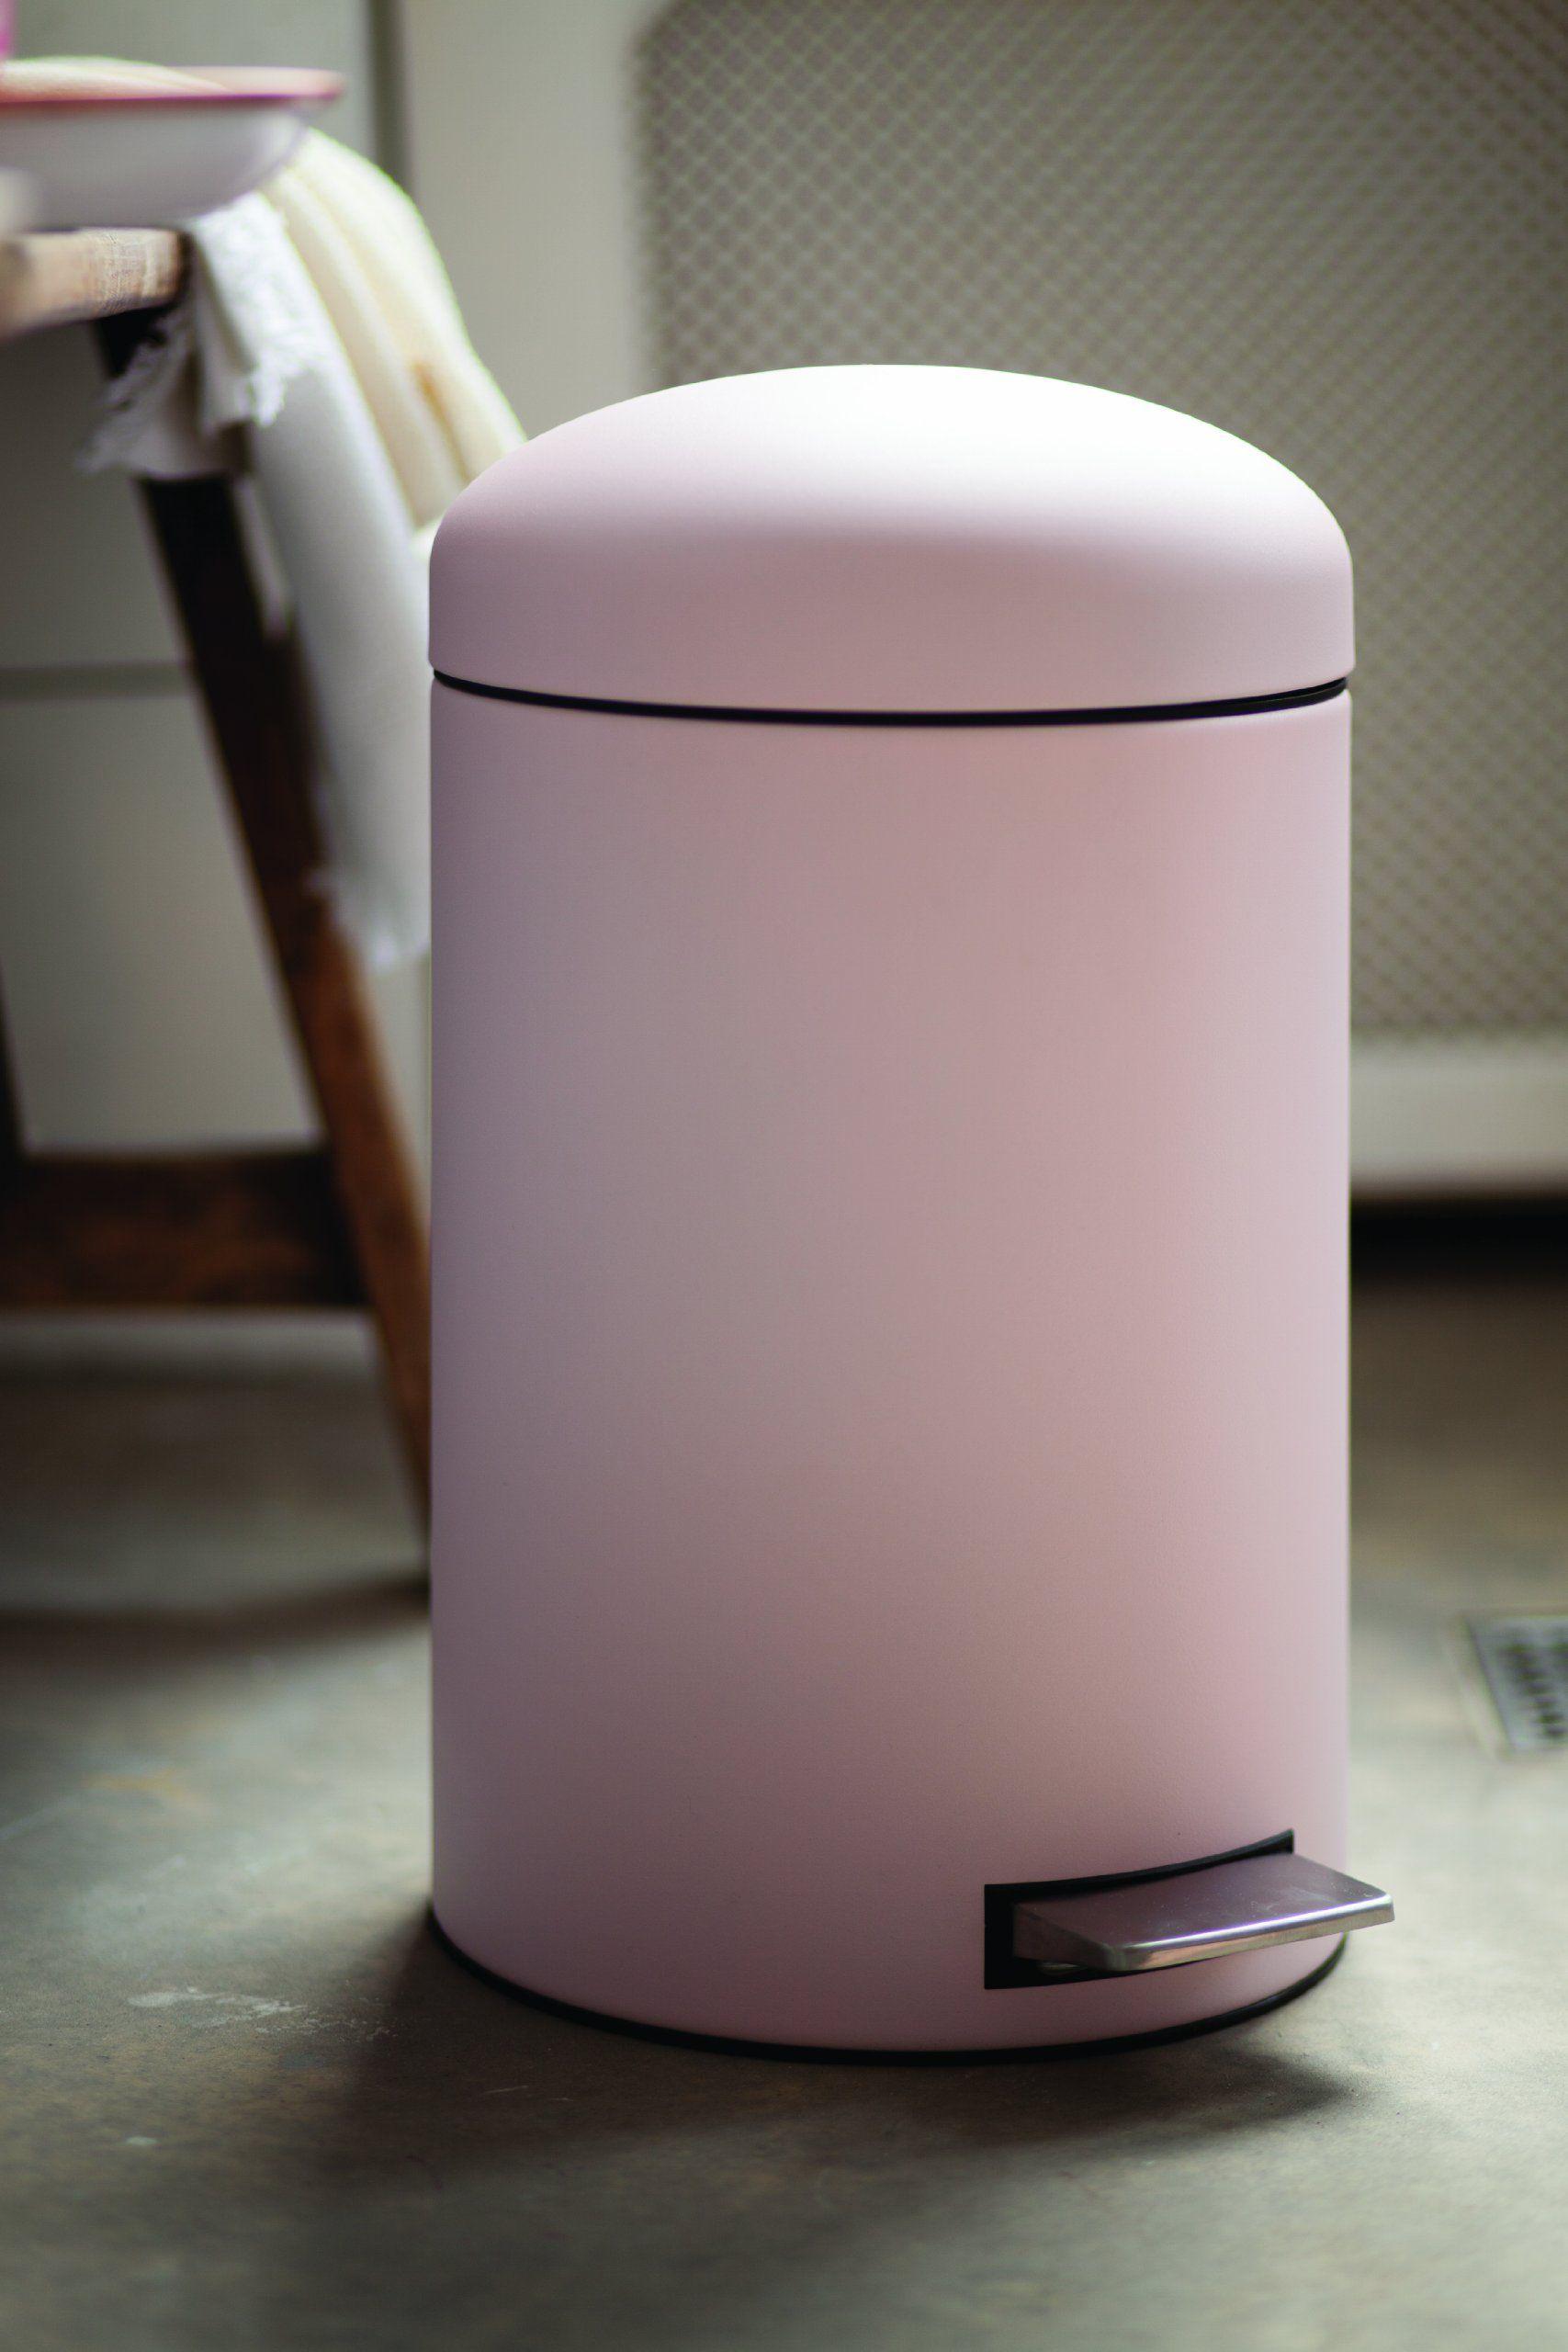 Brabantia Treteimer Retro Bin M Lleimer Abfalleimer Papierkorb Mit Kunststoffeinsatz Und Fl Sterdeckel Mineral Pink 12 Lit Abfalleimer Papierkorb Haushalt